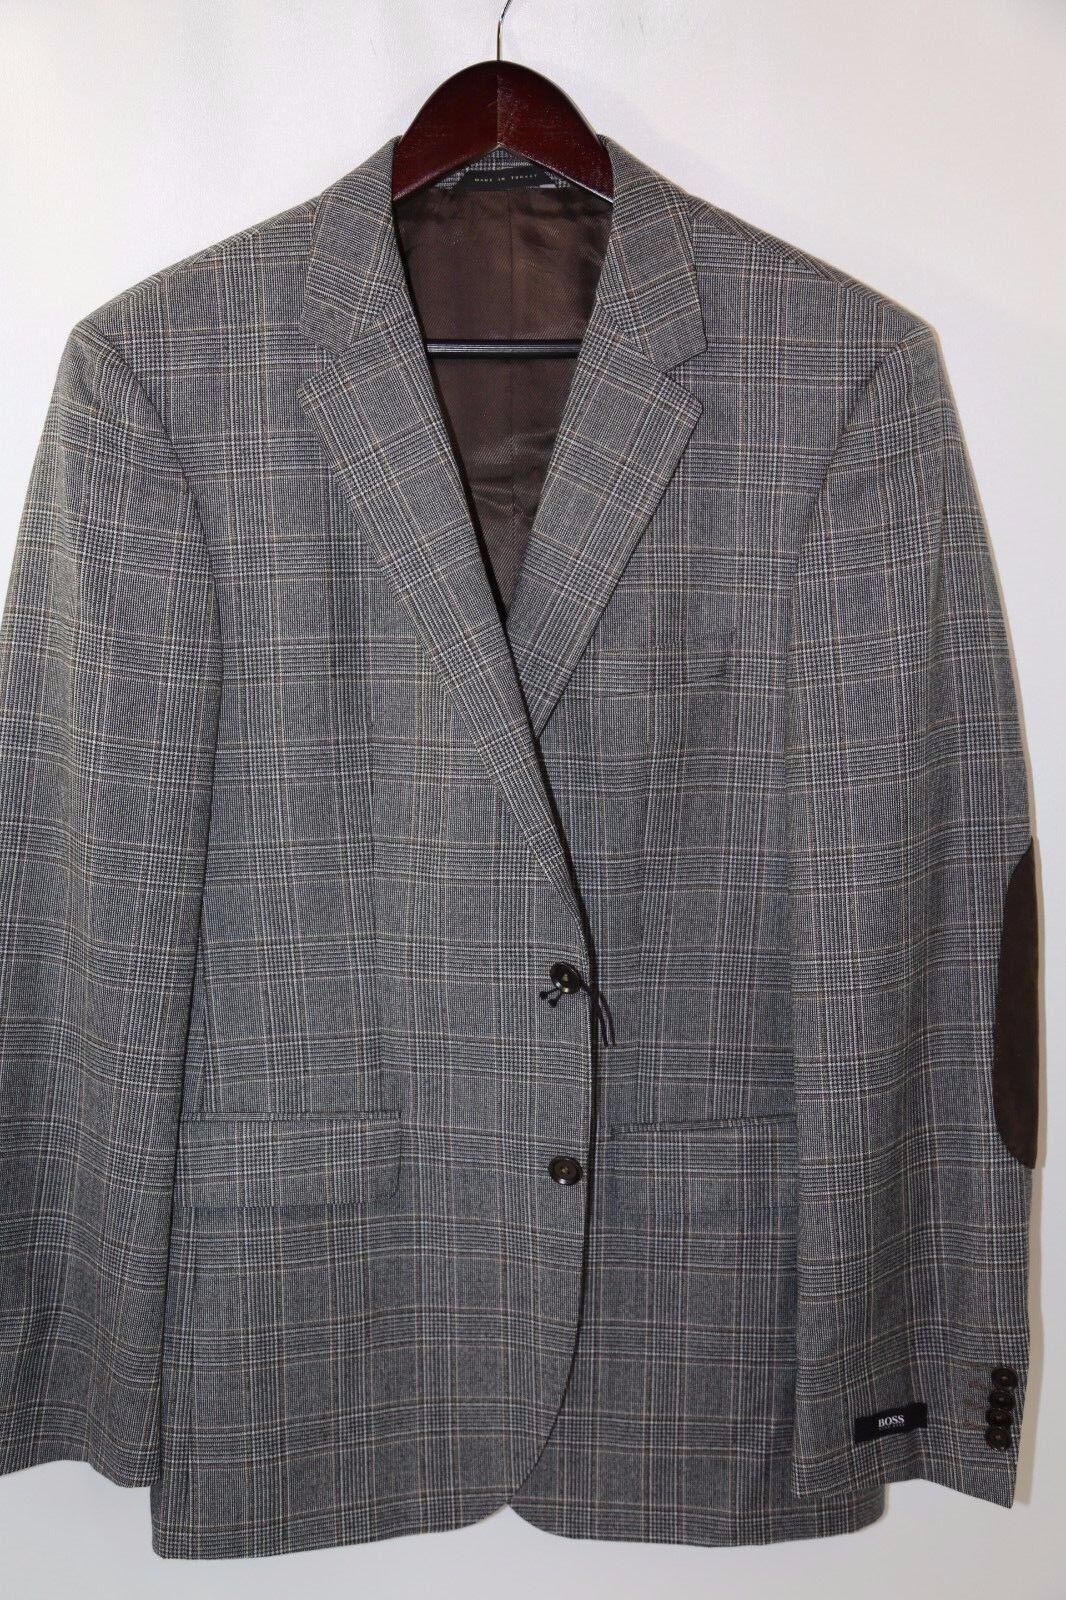 Hugo Boss Elbow Patch 'The Smith11' Trim Fit Plaid Blazer Size 40 R